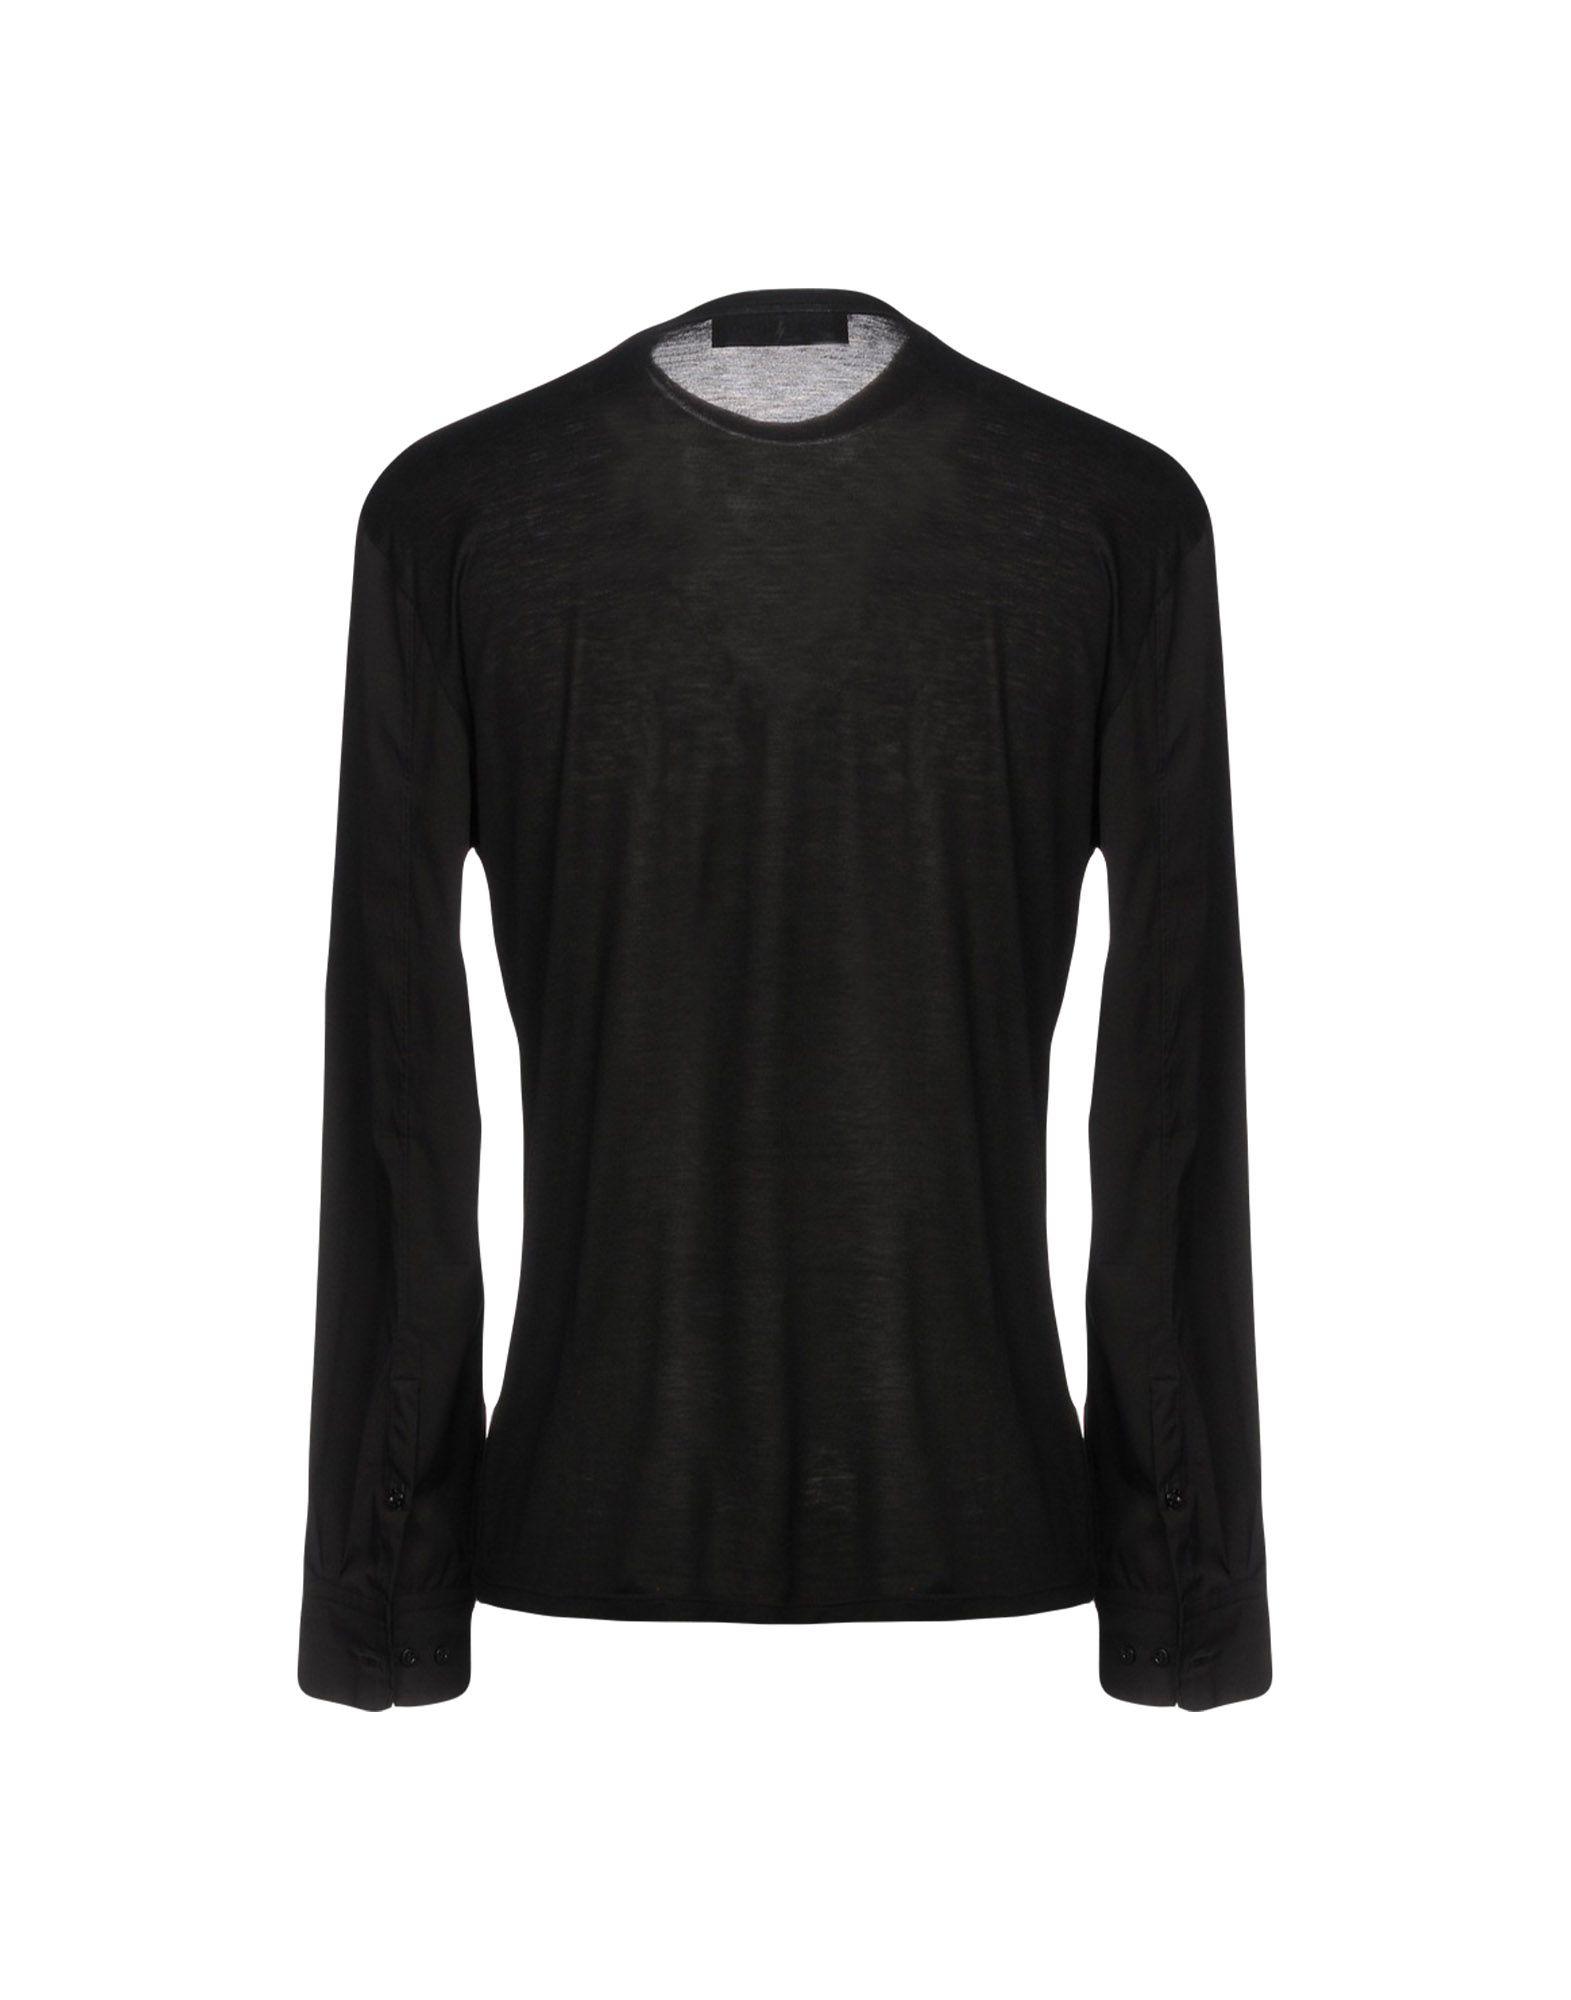 T-Shirt T-Shirt T-Shirt Neil Barrett Uomo - 12158142BJ a6b86a